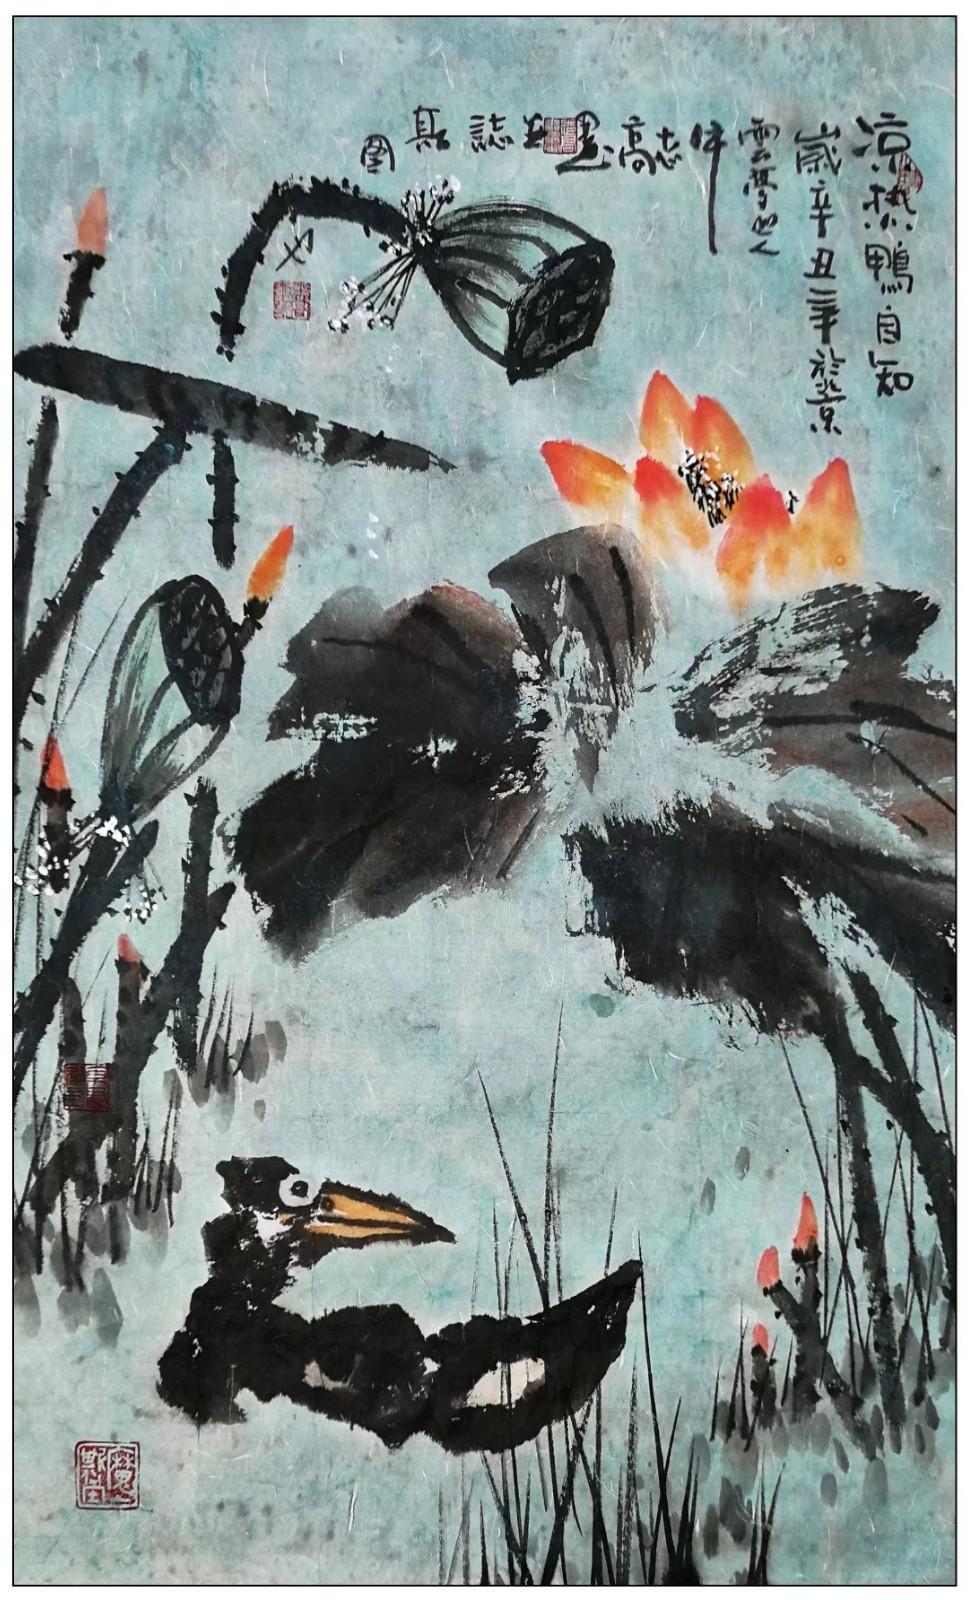 牛志高花鸟画---------沂蒙荷香--2021.09.10_图1-3